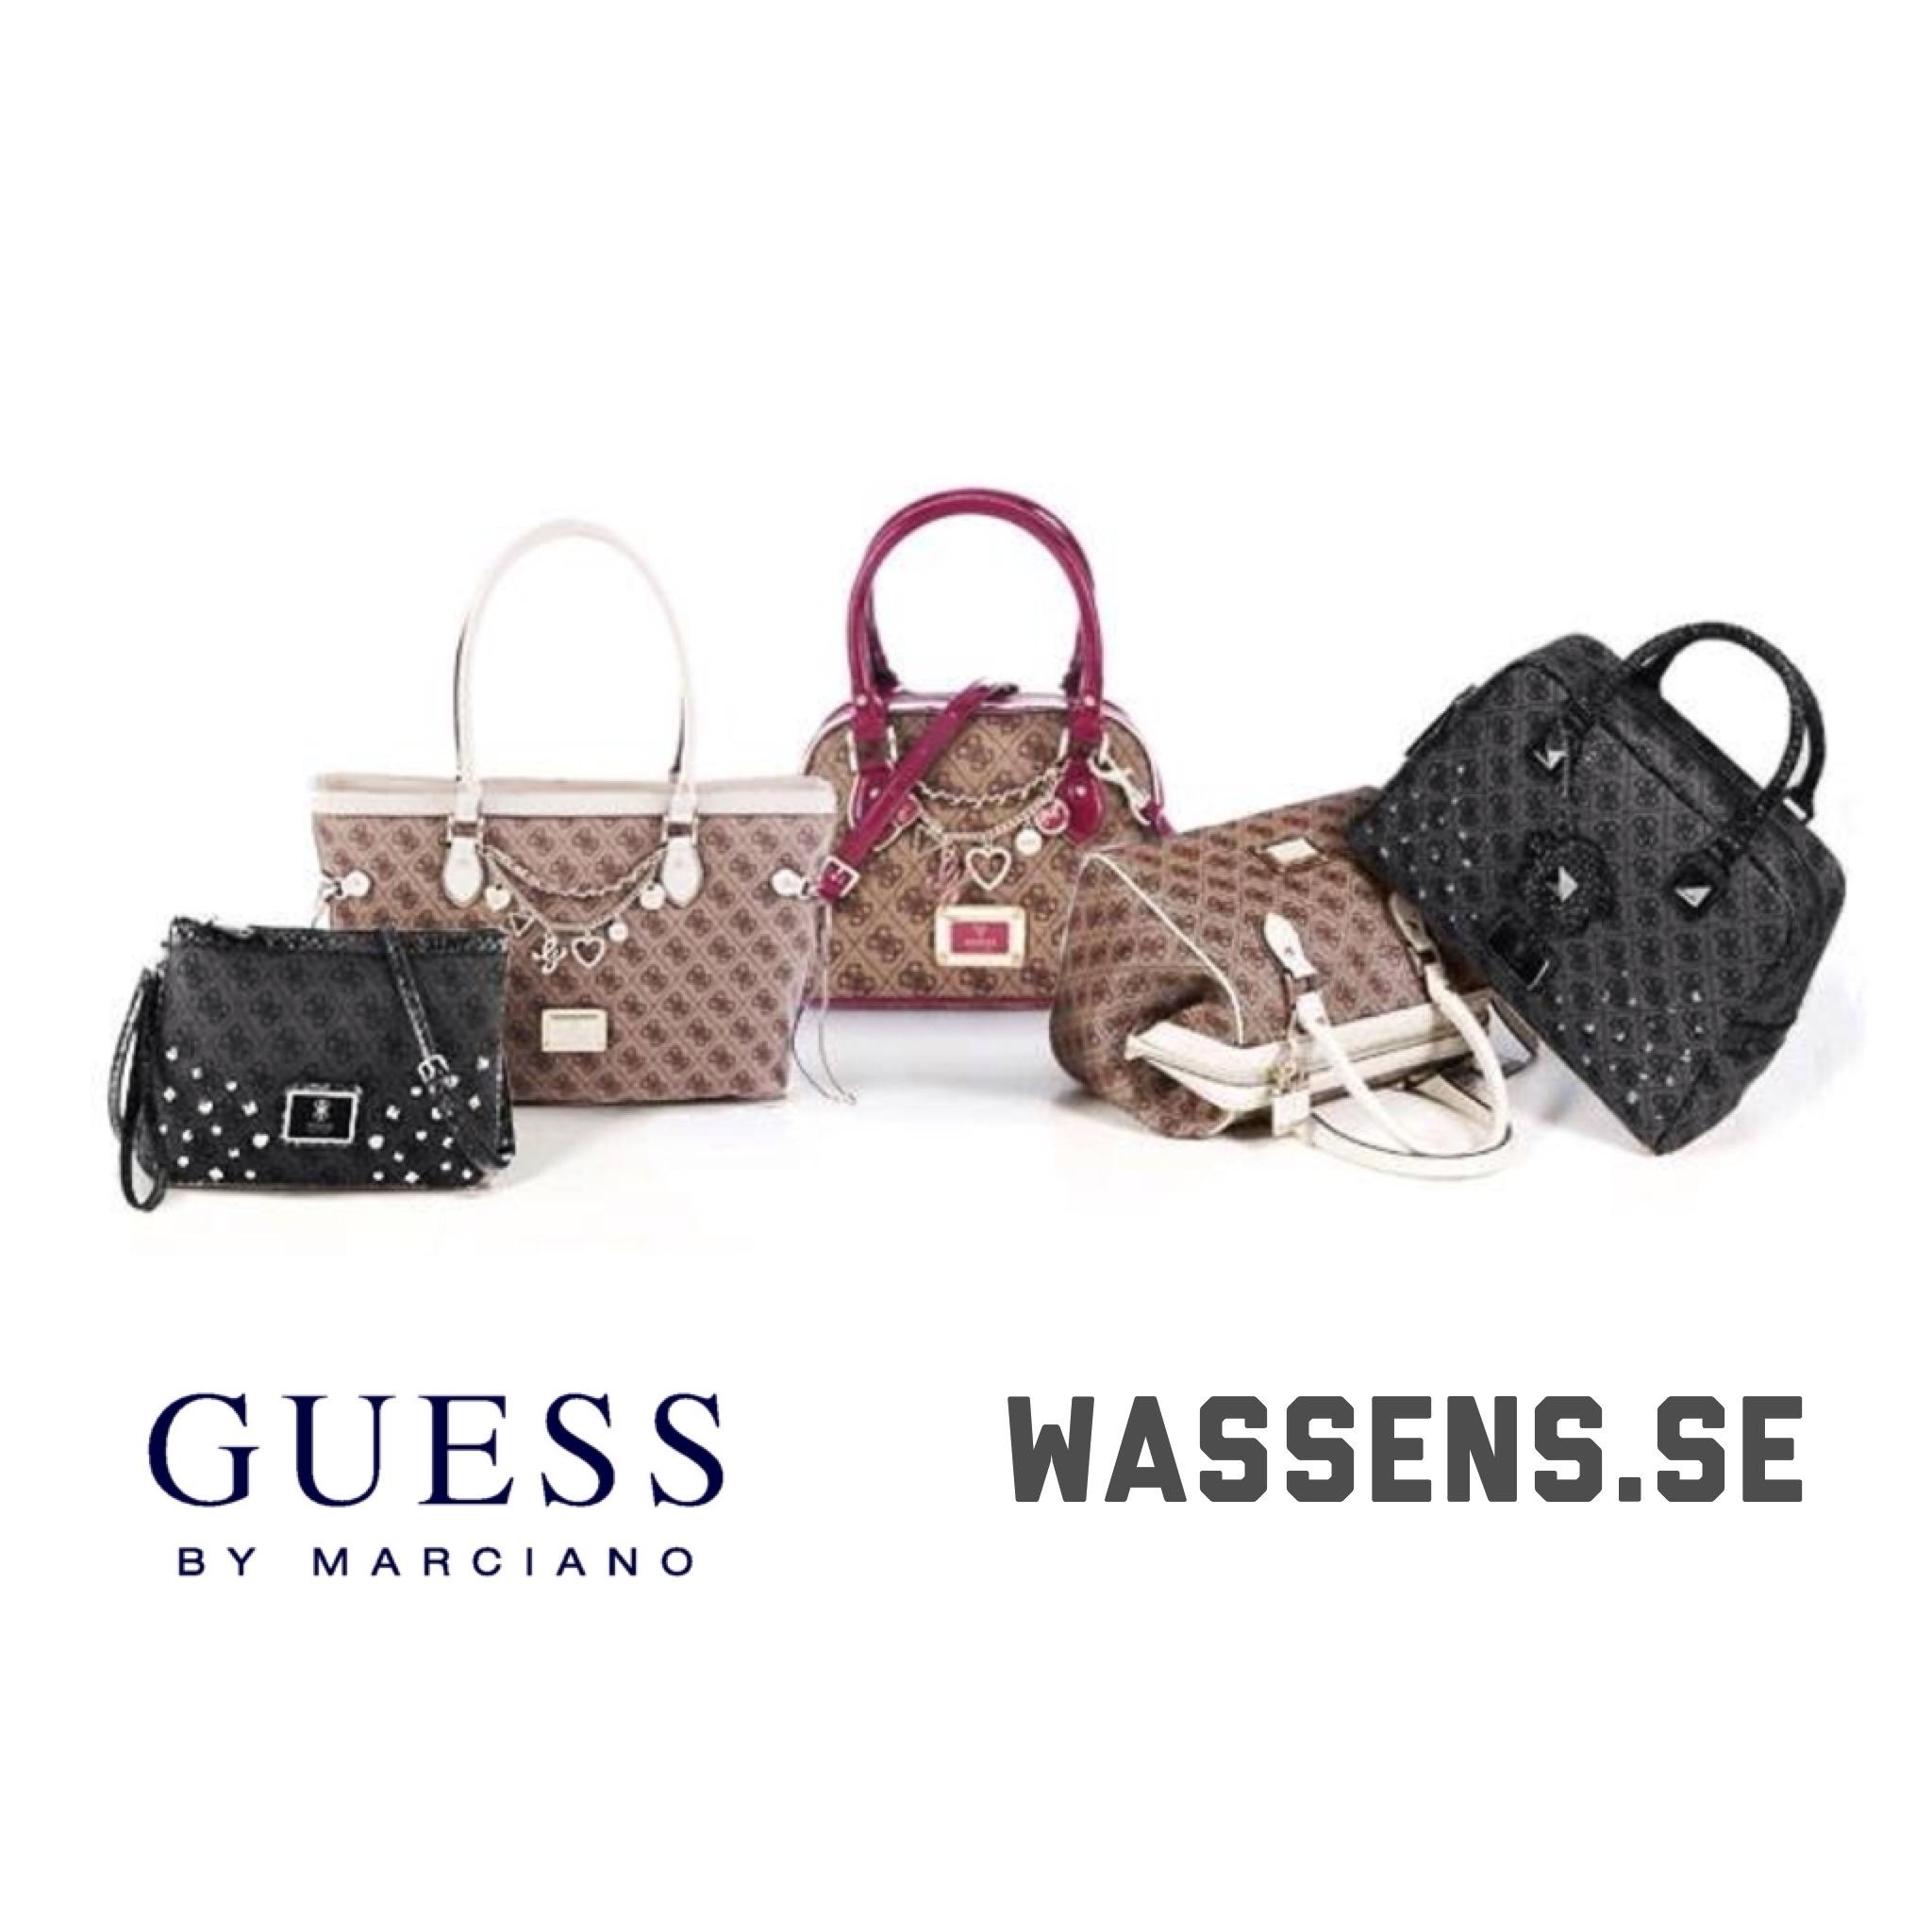 Guess Väskor Wassens : Guess